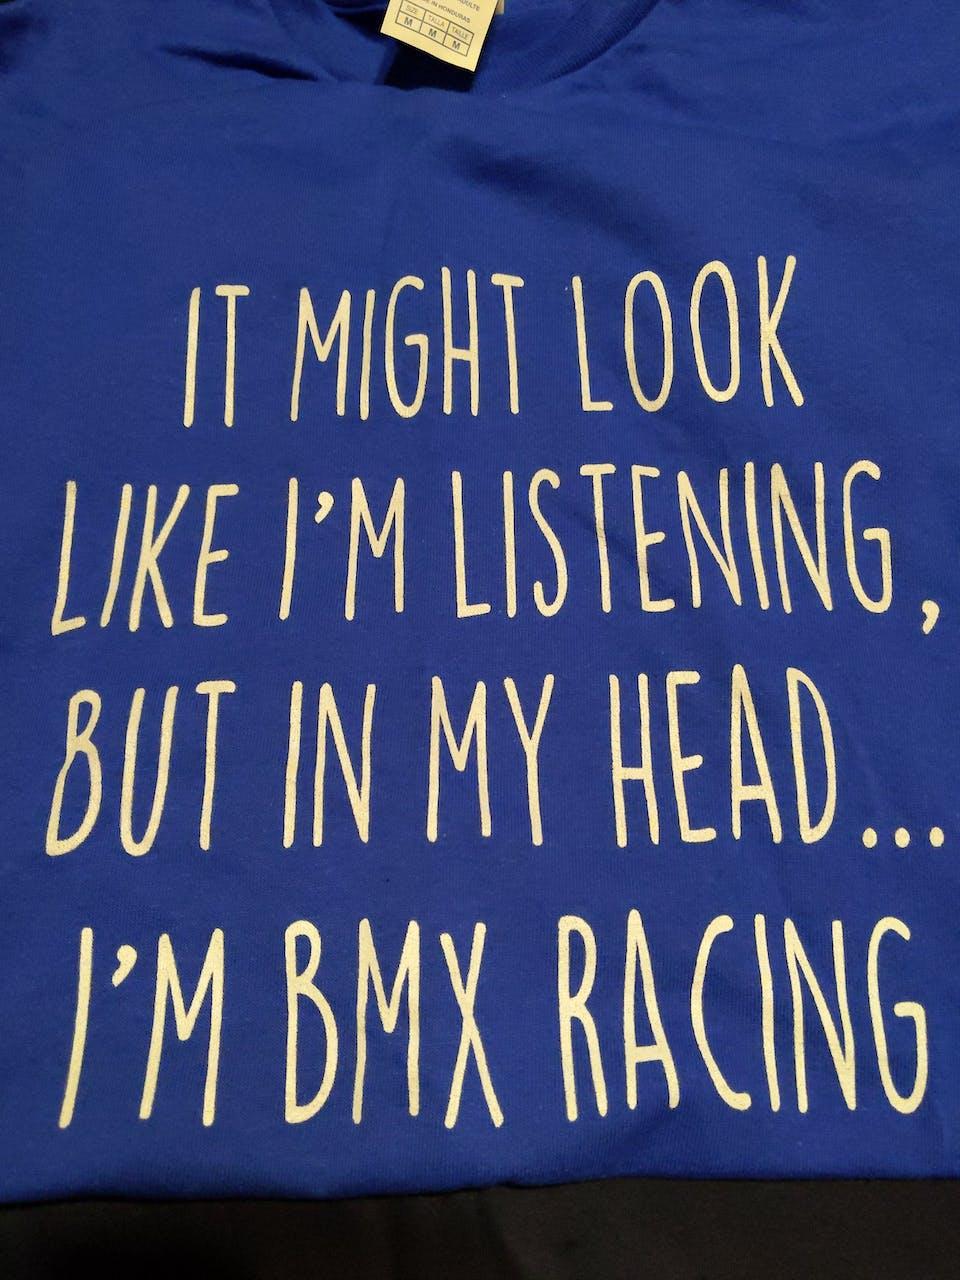 Funny BMX Racing Shirt Best BMX Racer T Shirt Gift Idea for BMX Racer Unisex Fit T-Shirt